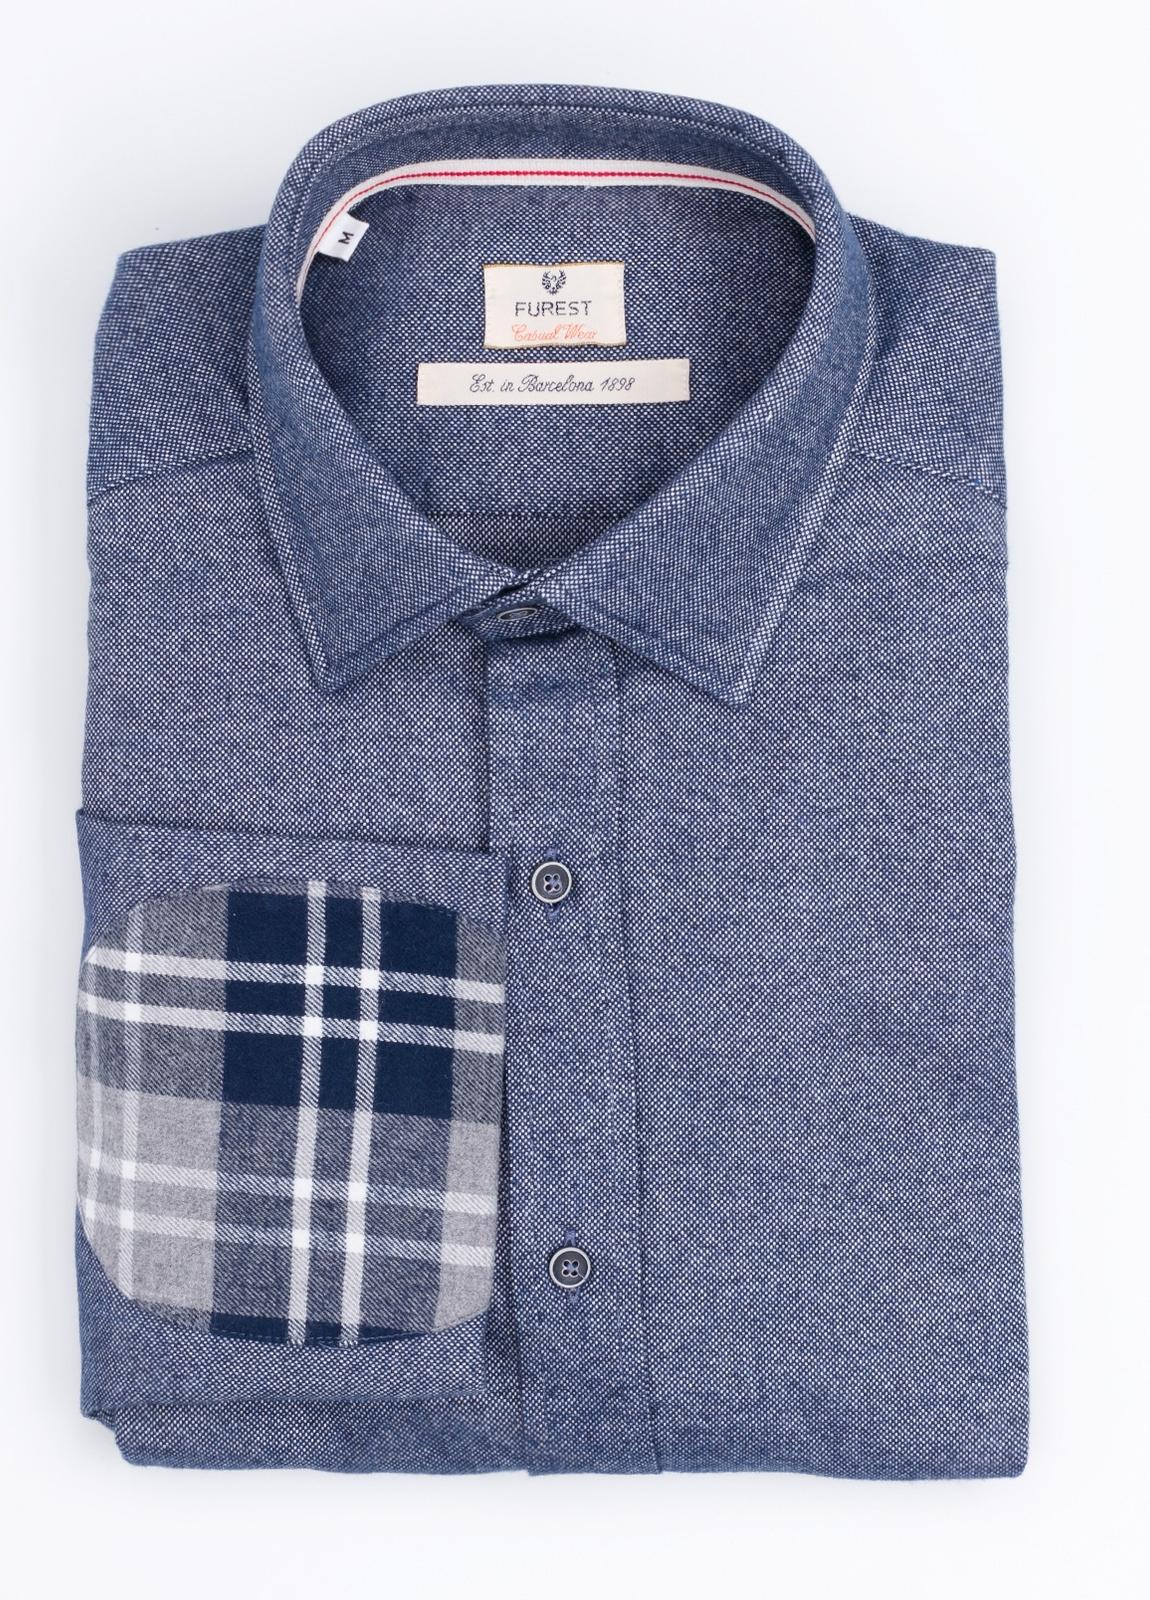 Camisa Casual Wear SLIM FIT Modelo PORTO, oxford color azul marino con coderas en contraste. 100% Algodón.